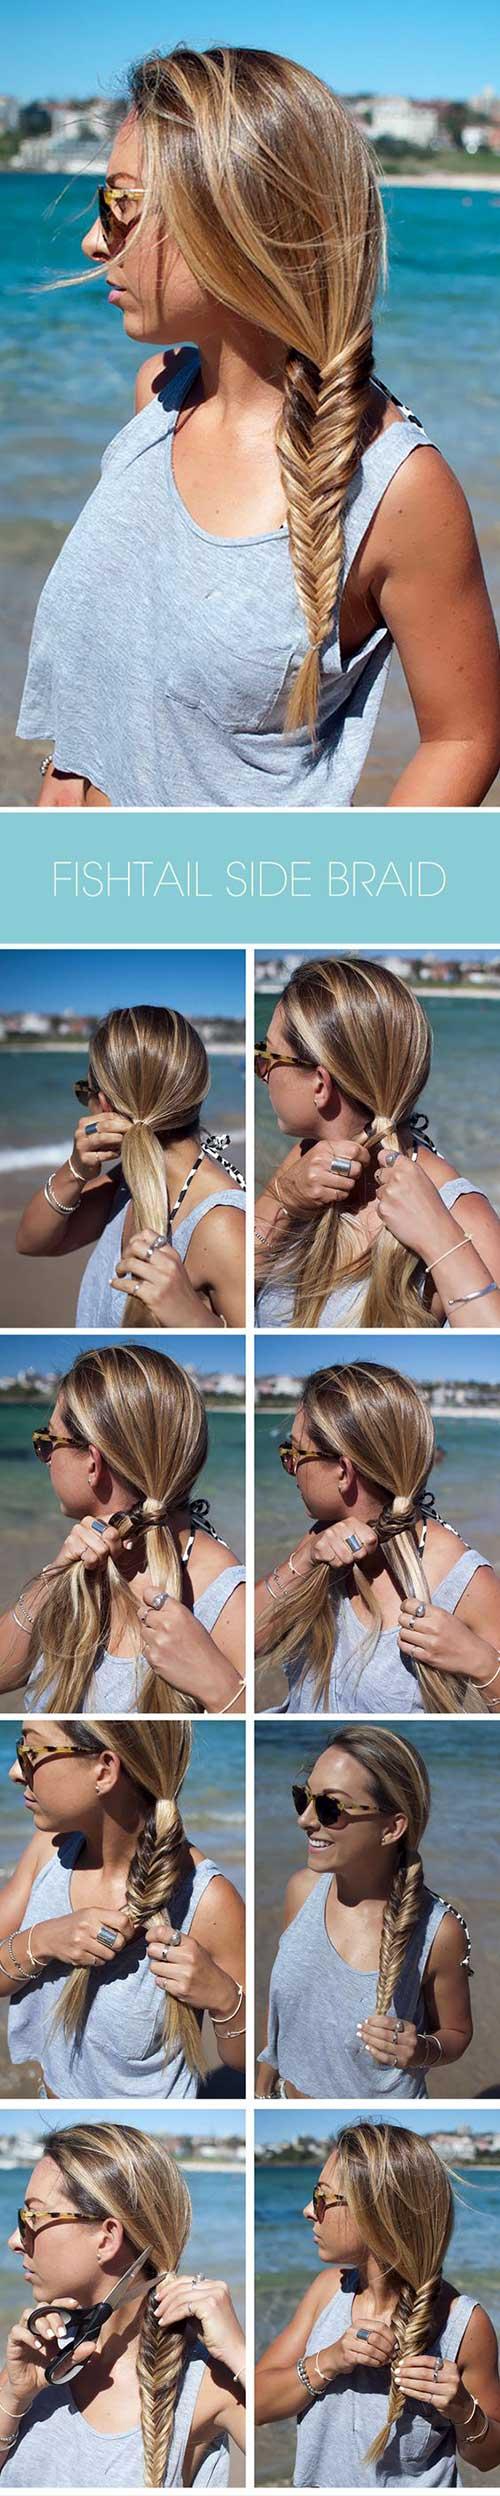 tutorial de penteado pra madrinha de cabelo longo sozinha